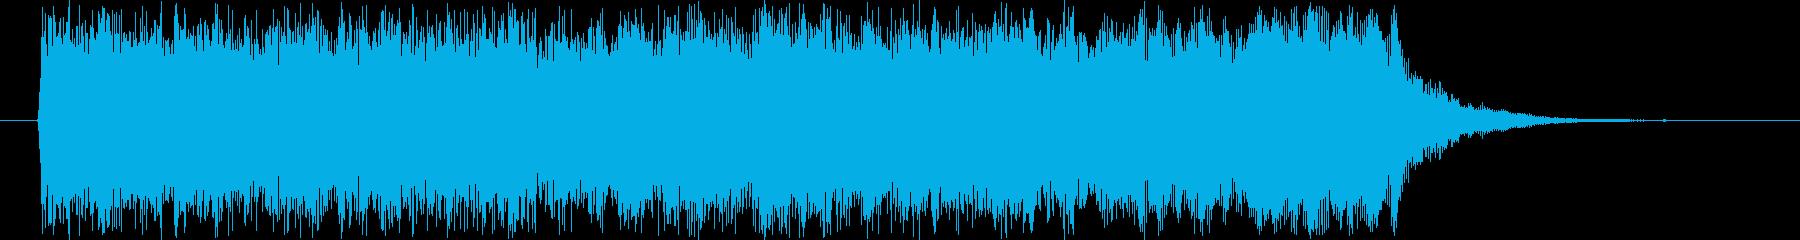 バッドエンディング~ゲームオーバーの再生済みの波形